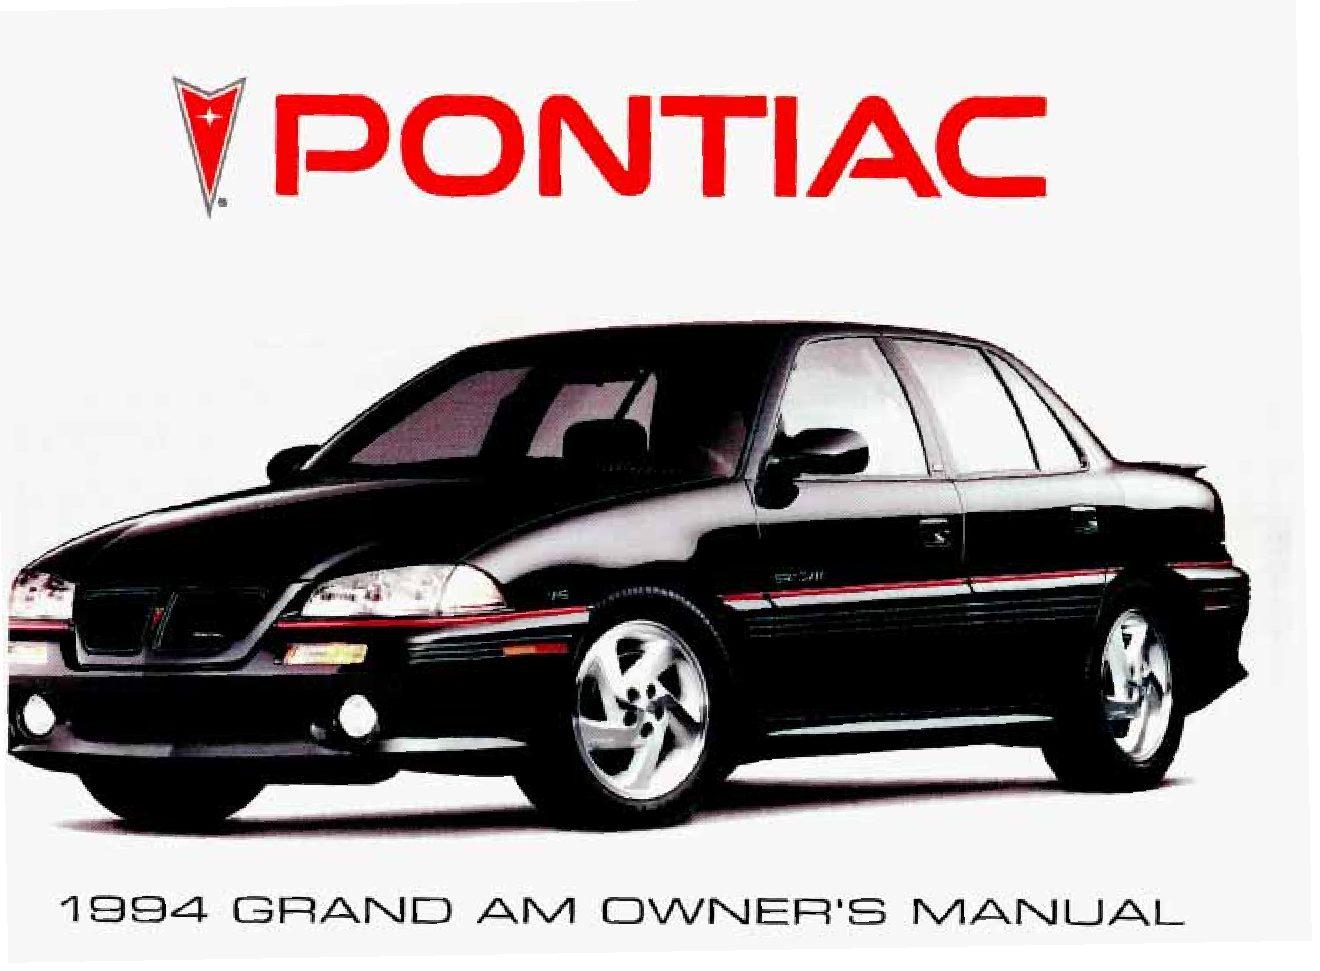 2005 pontiac grand am repair manual free